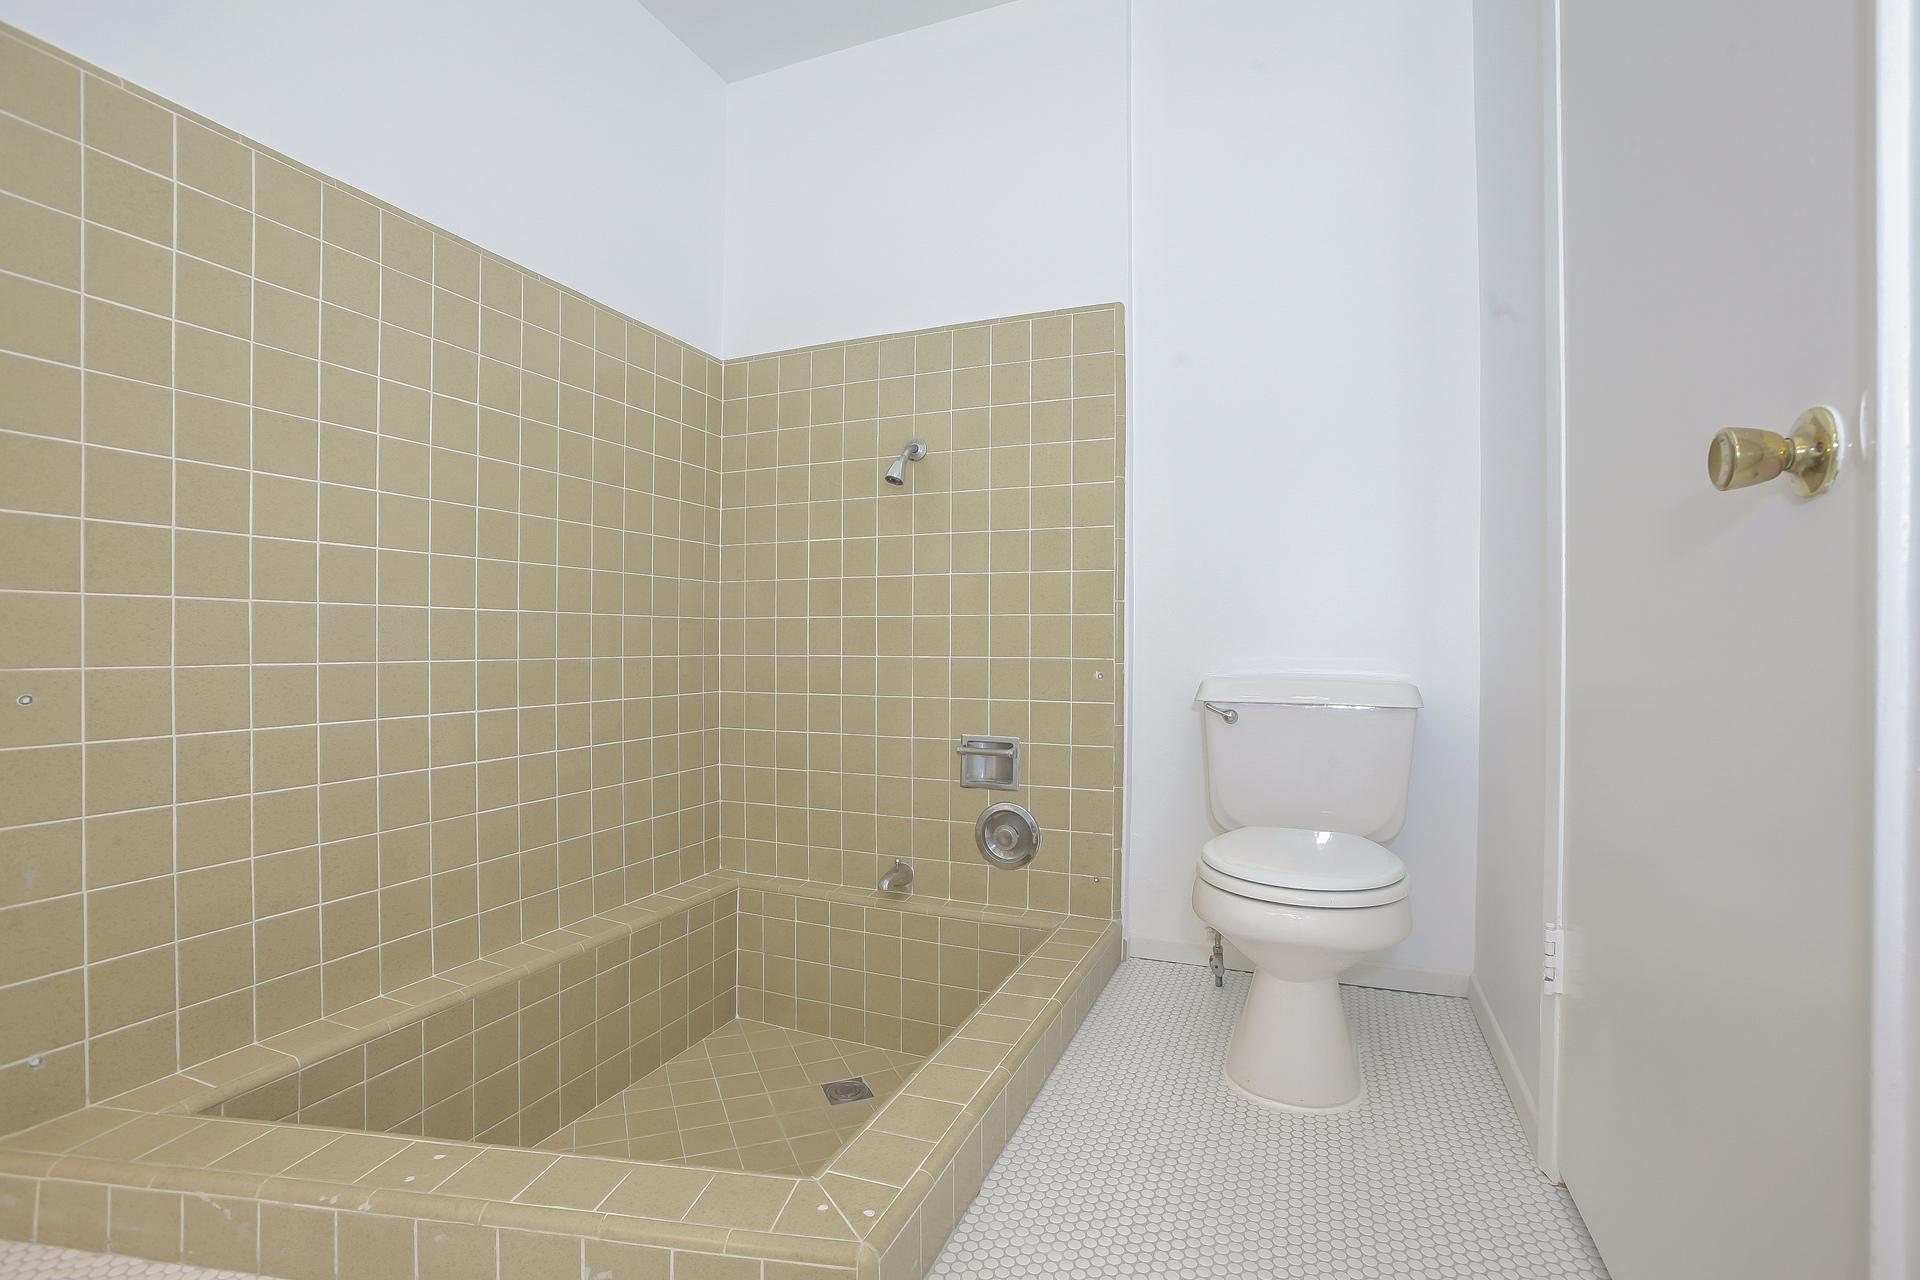 036-Master_Bathroom-4443067-medium.jpg